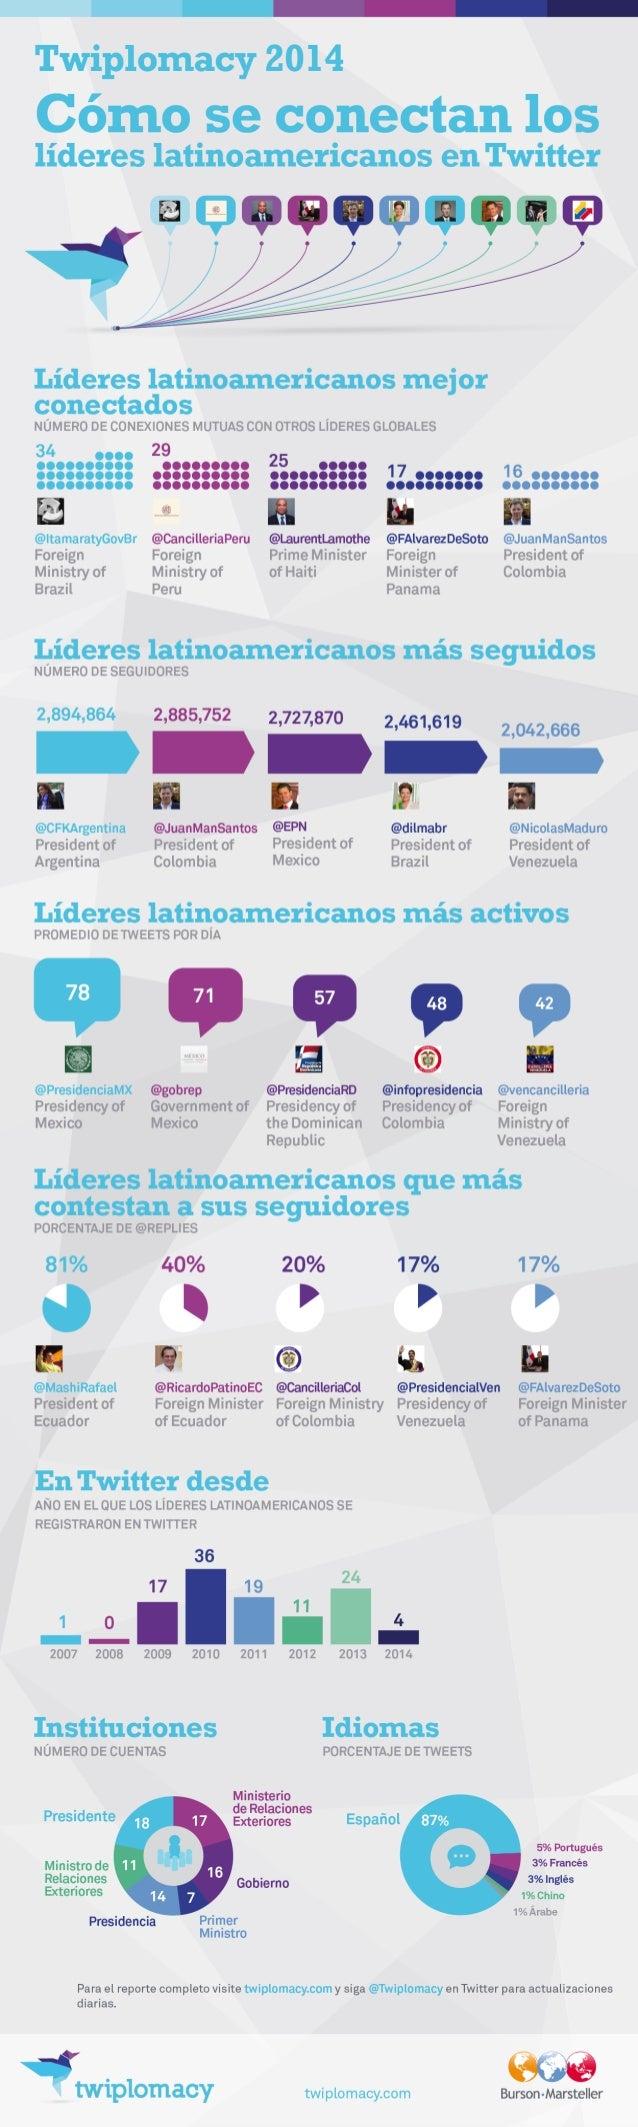 Twiplomacy 2014: ¿Cómo se conectan los líderes latinoamericanos en Twitter? (Español)